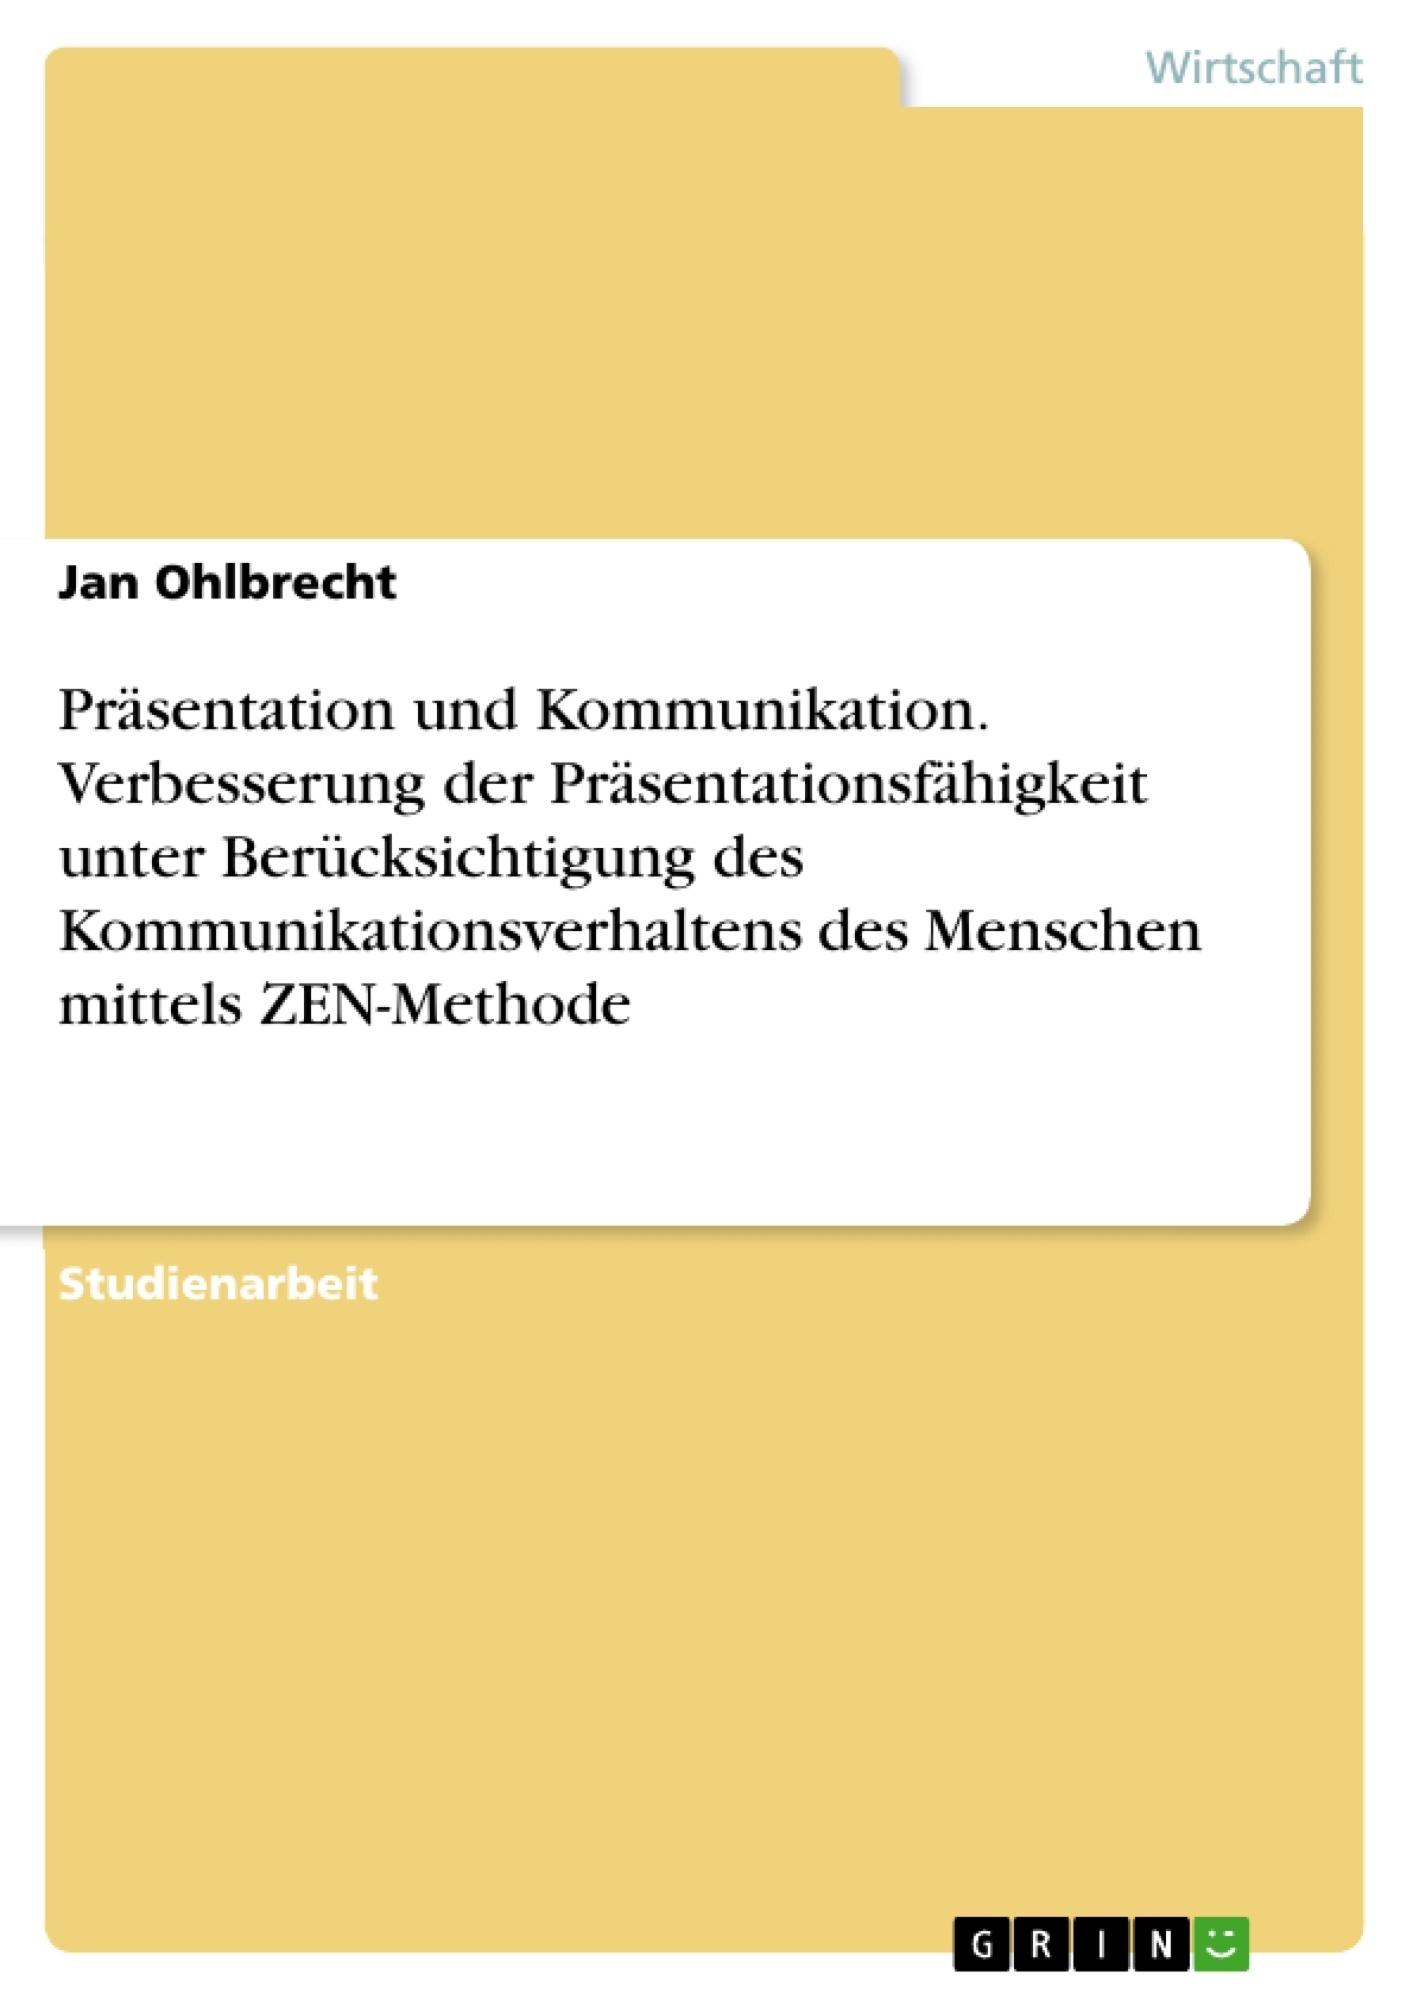 Titel: Präsentation und Kommunikation. Verbesserung der Präsentationsfähigkeit unter Berücksichtigung des Kommunikationsverhaltens des Menschen mittels ZEN-Methode